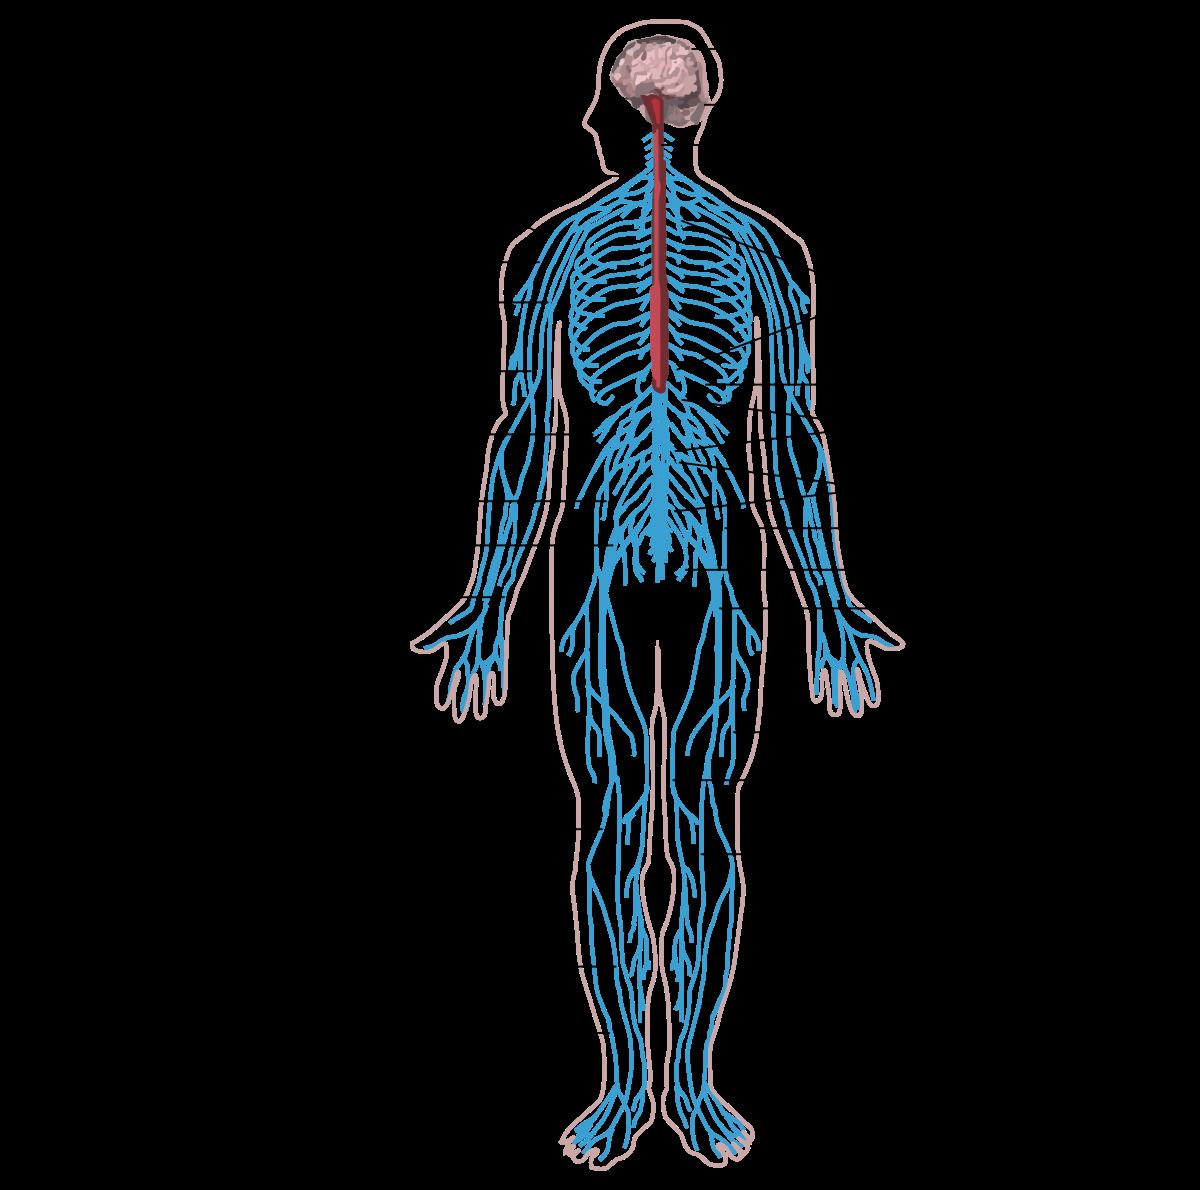 hatékony gyógymód az emberi testben lévő pinwormok ellen